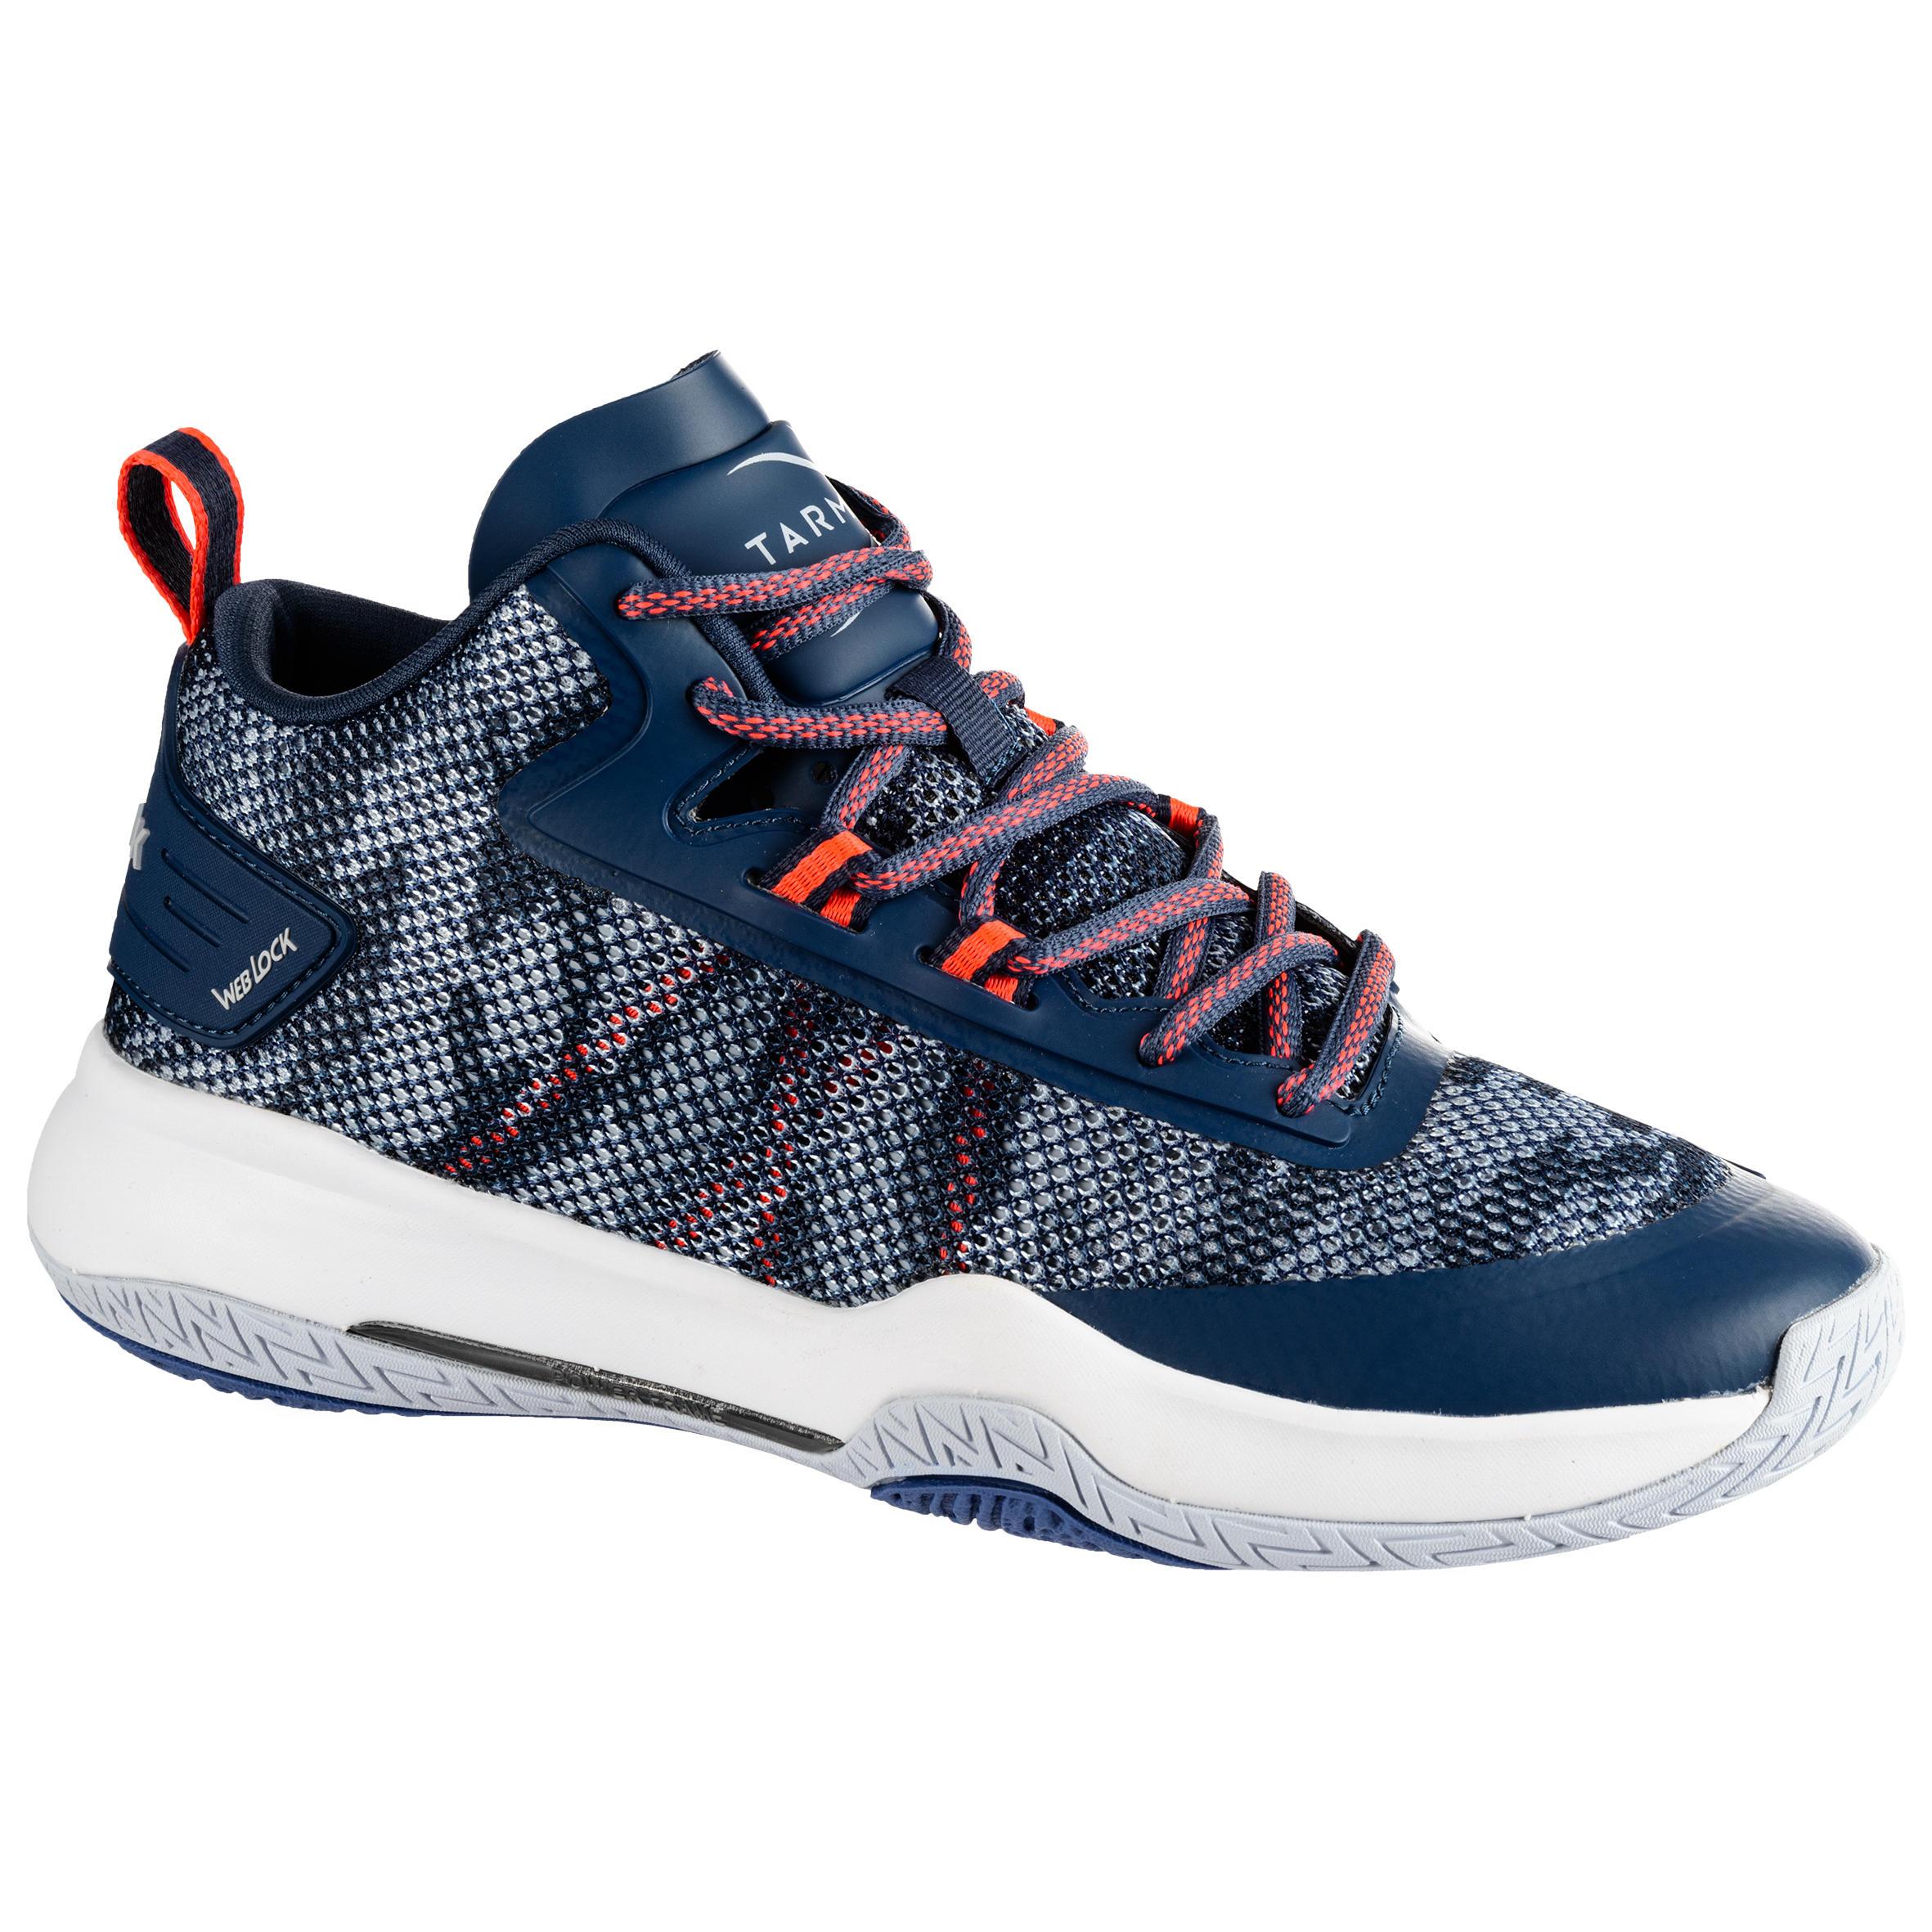 nouveau concept 2f233 65018 Chaussures de basketball femme | Chaussures de basket femme ...